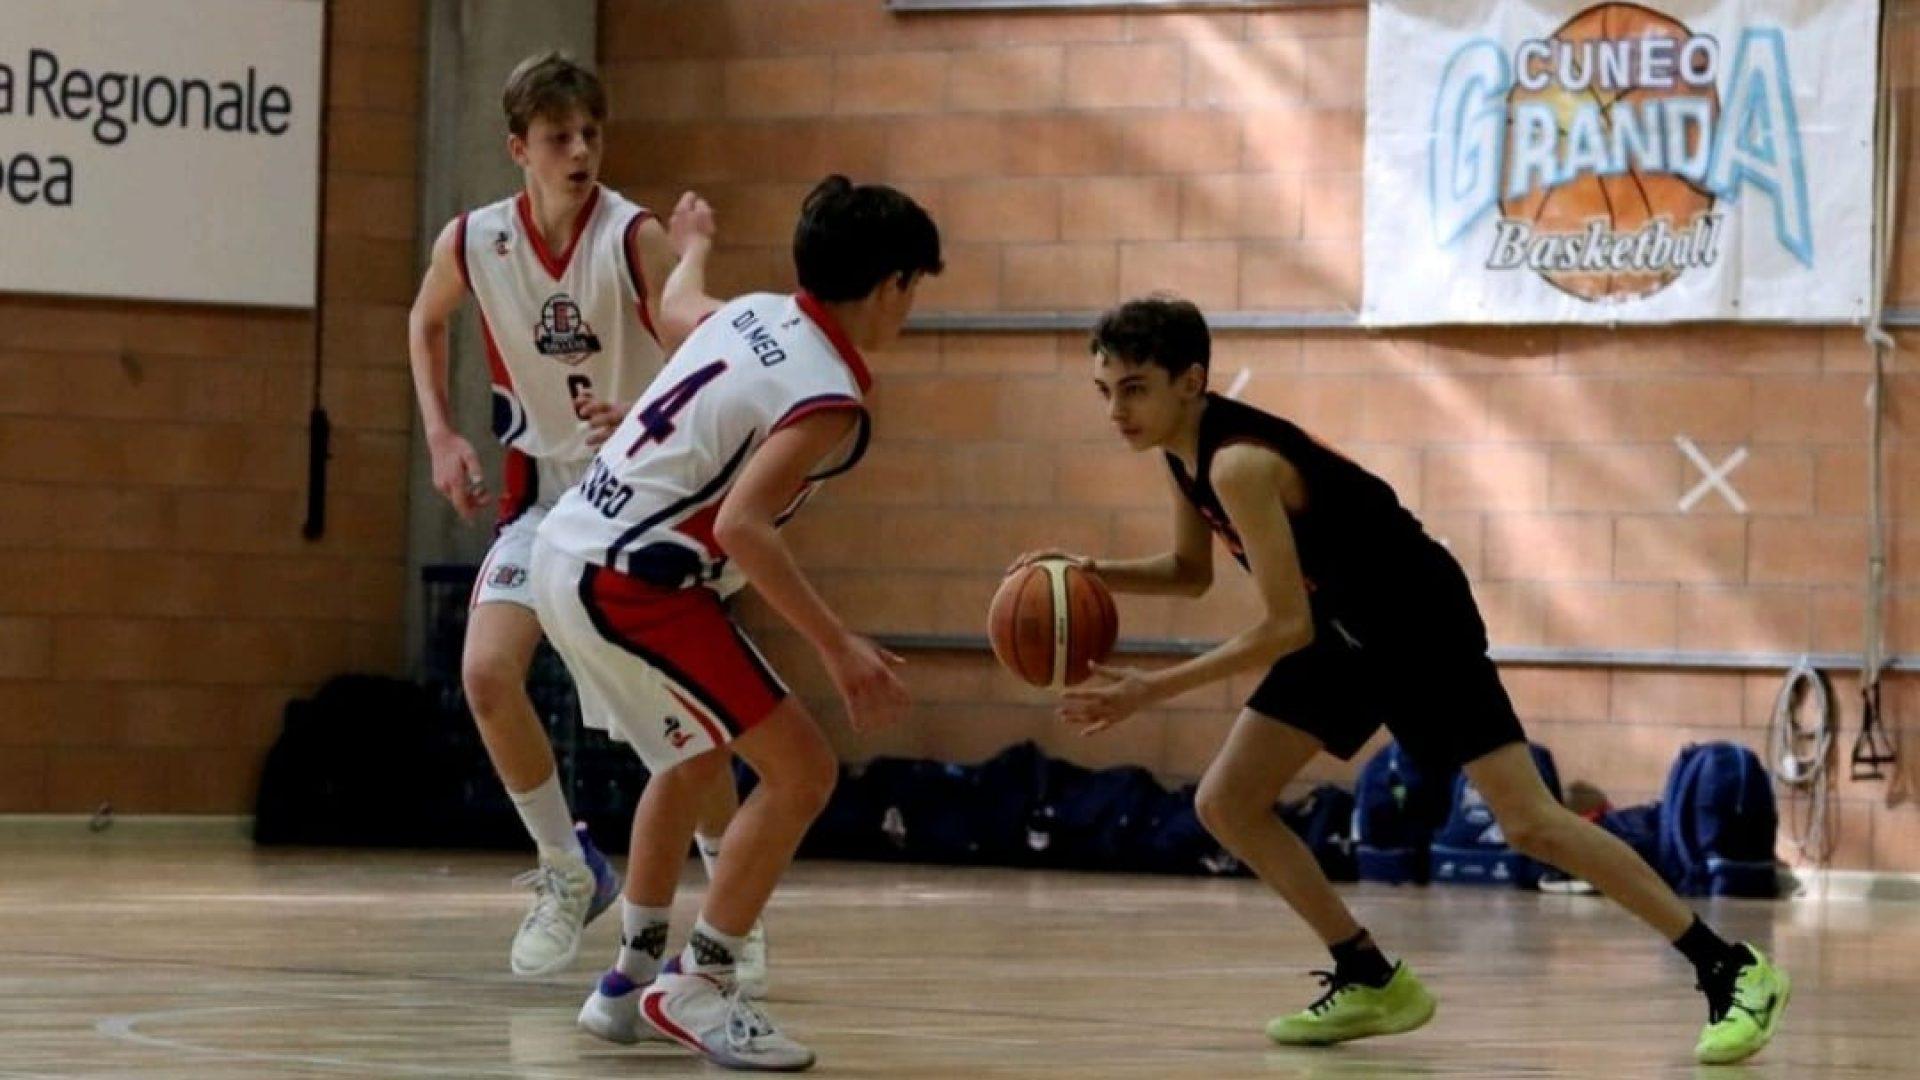 Under 13 Elite Granda College Cuneo - BEA Chieri 6